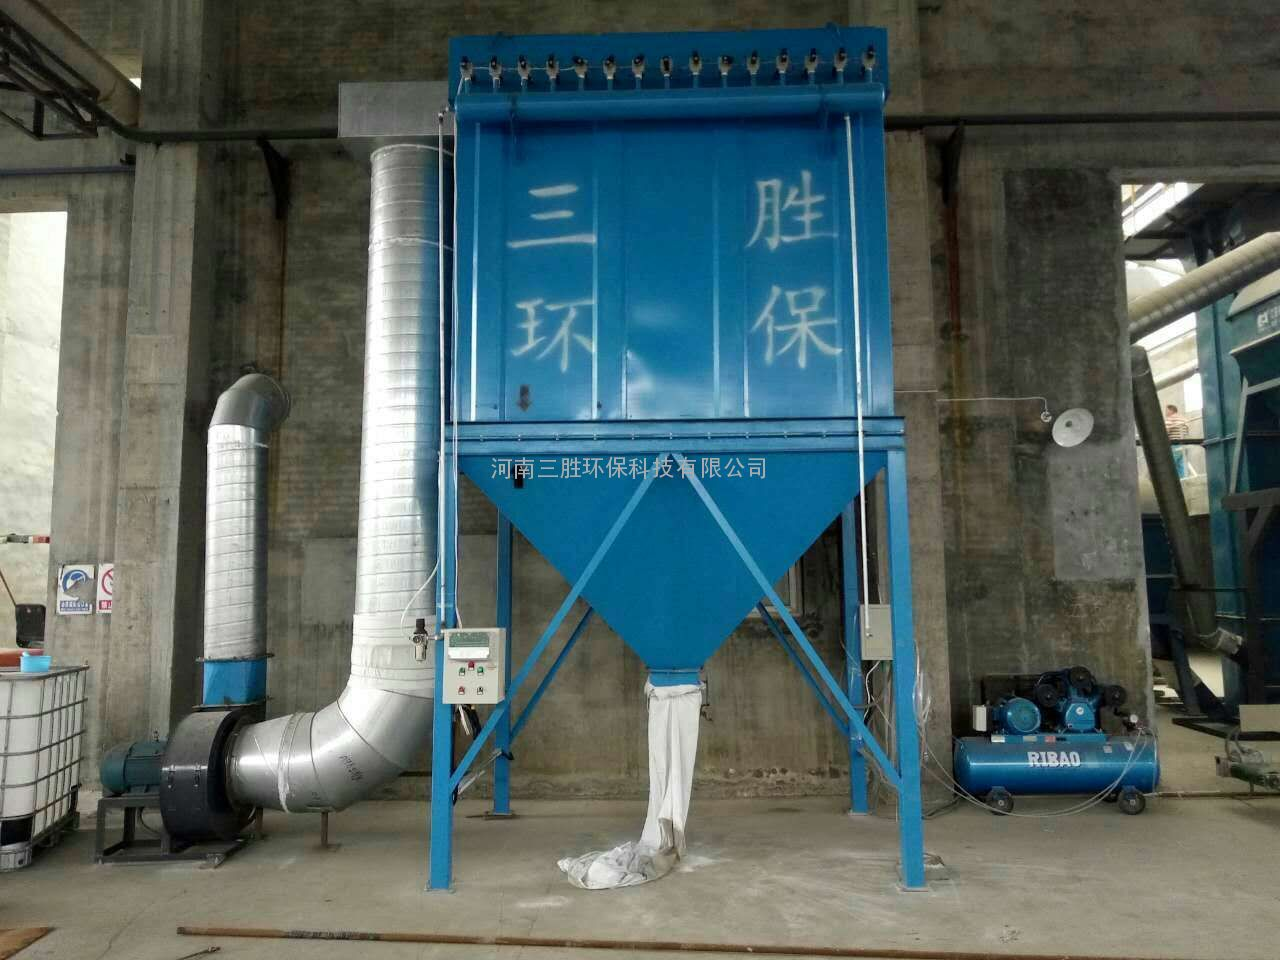 河南鹤壁一吨锅炉除尘器除尘效果显著、解决粉尘疑难问题